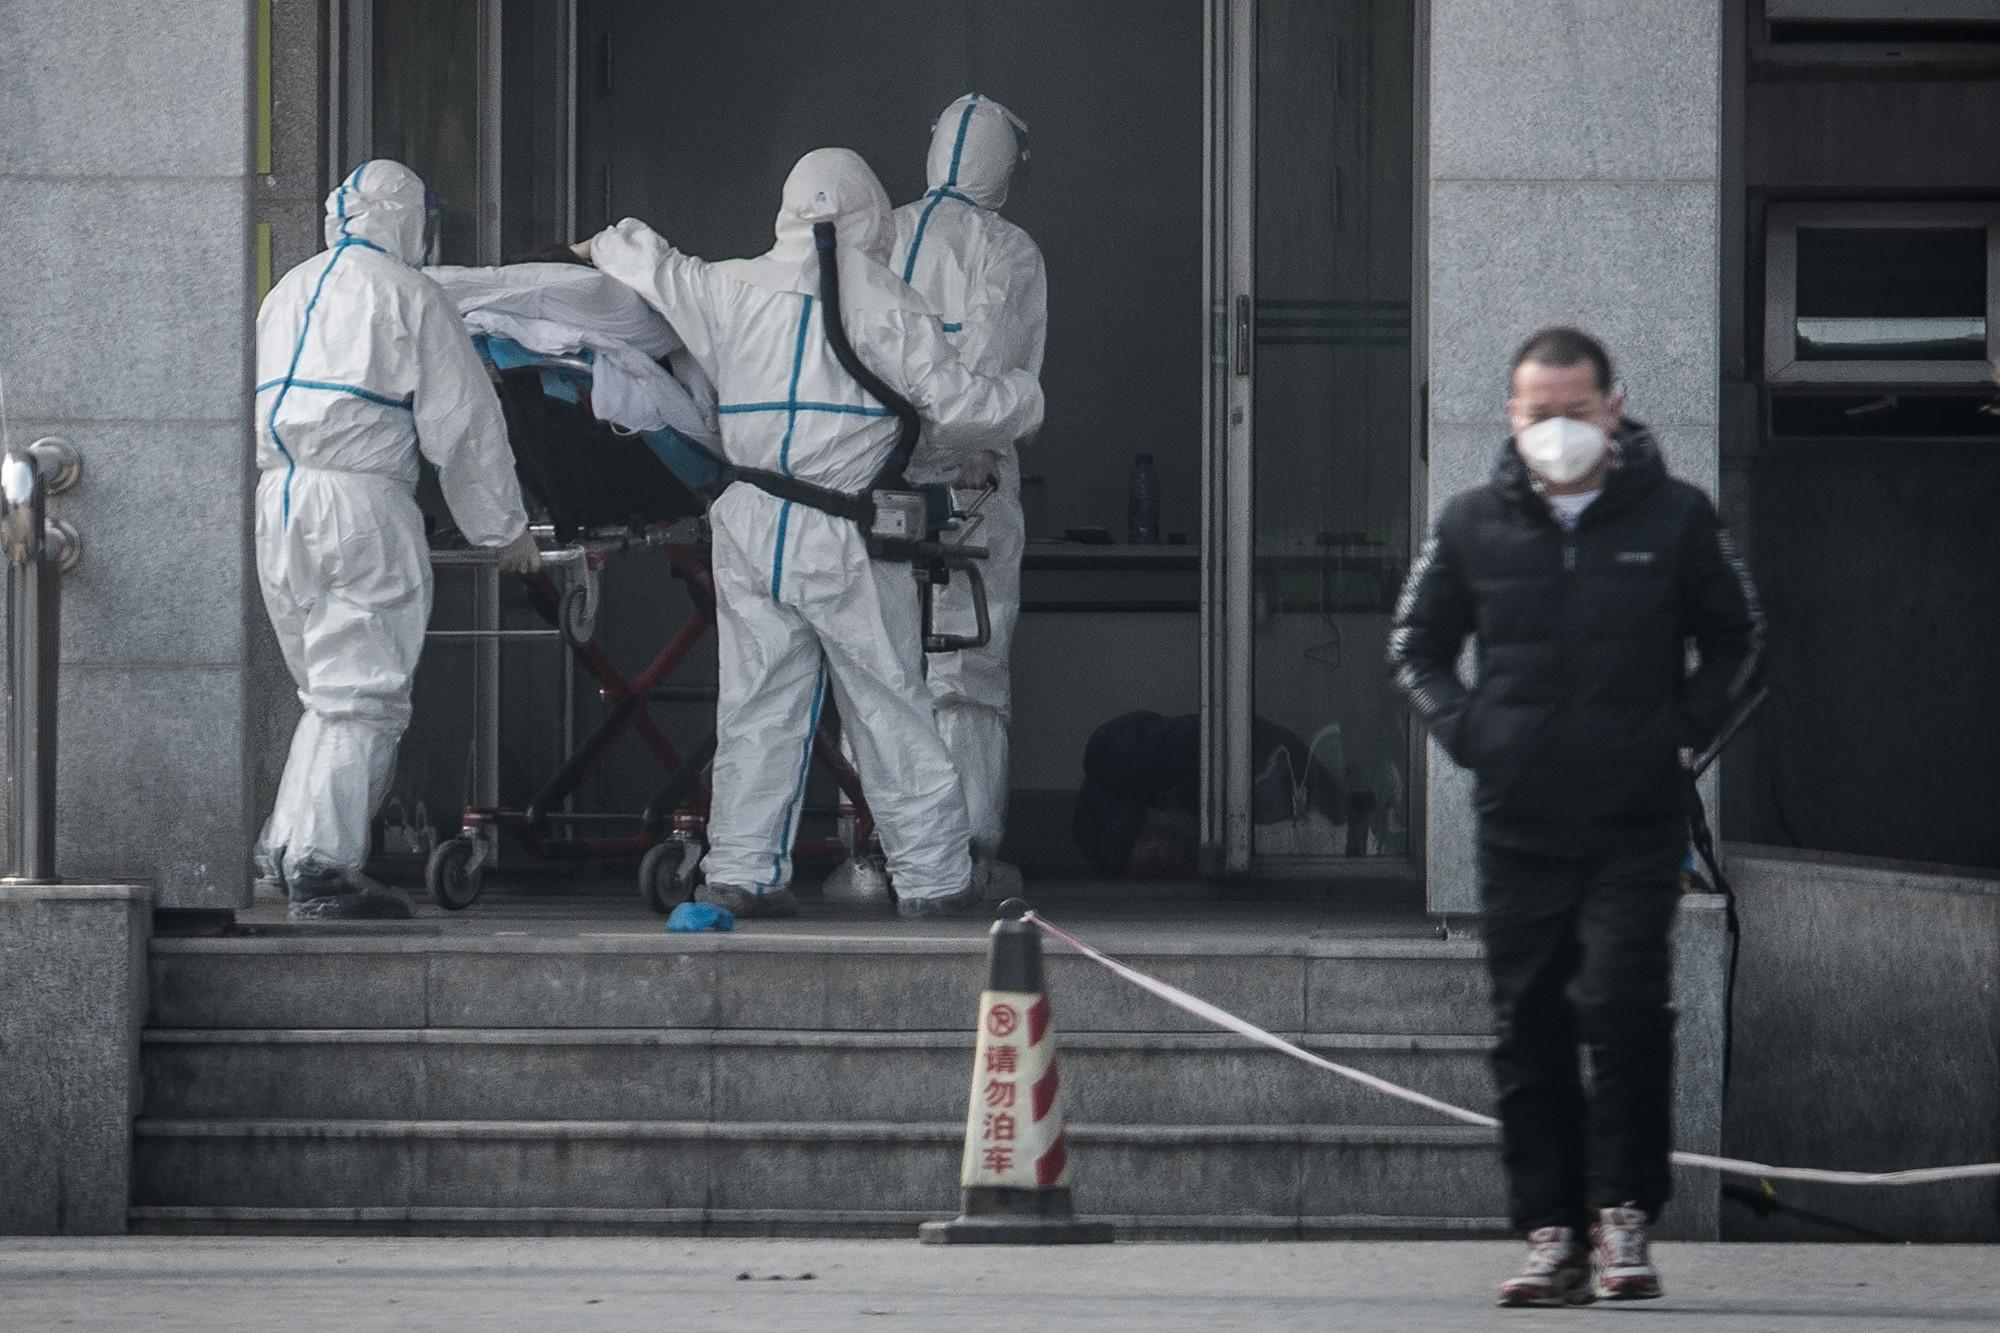 圖為中國國內處理武漢肺炎的醫護人員。(STR/AFP via Getty Images)